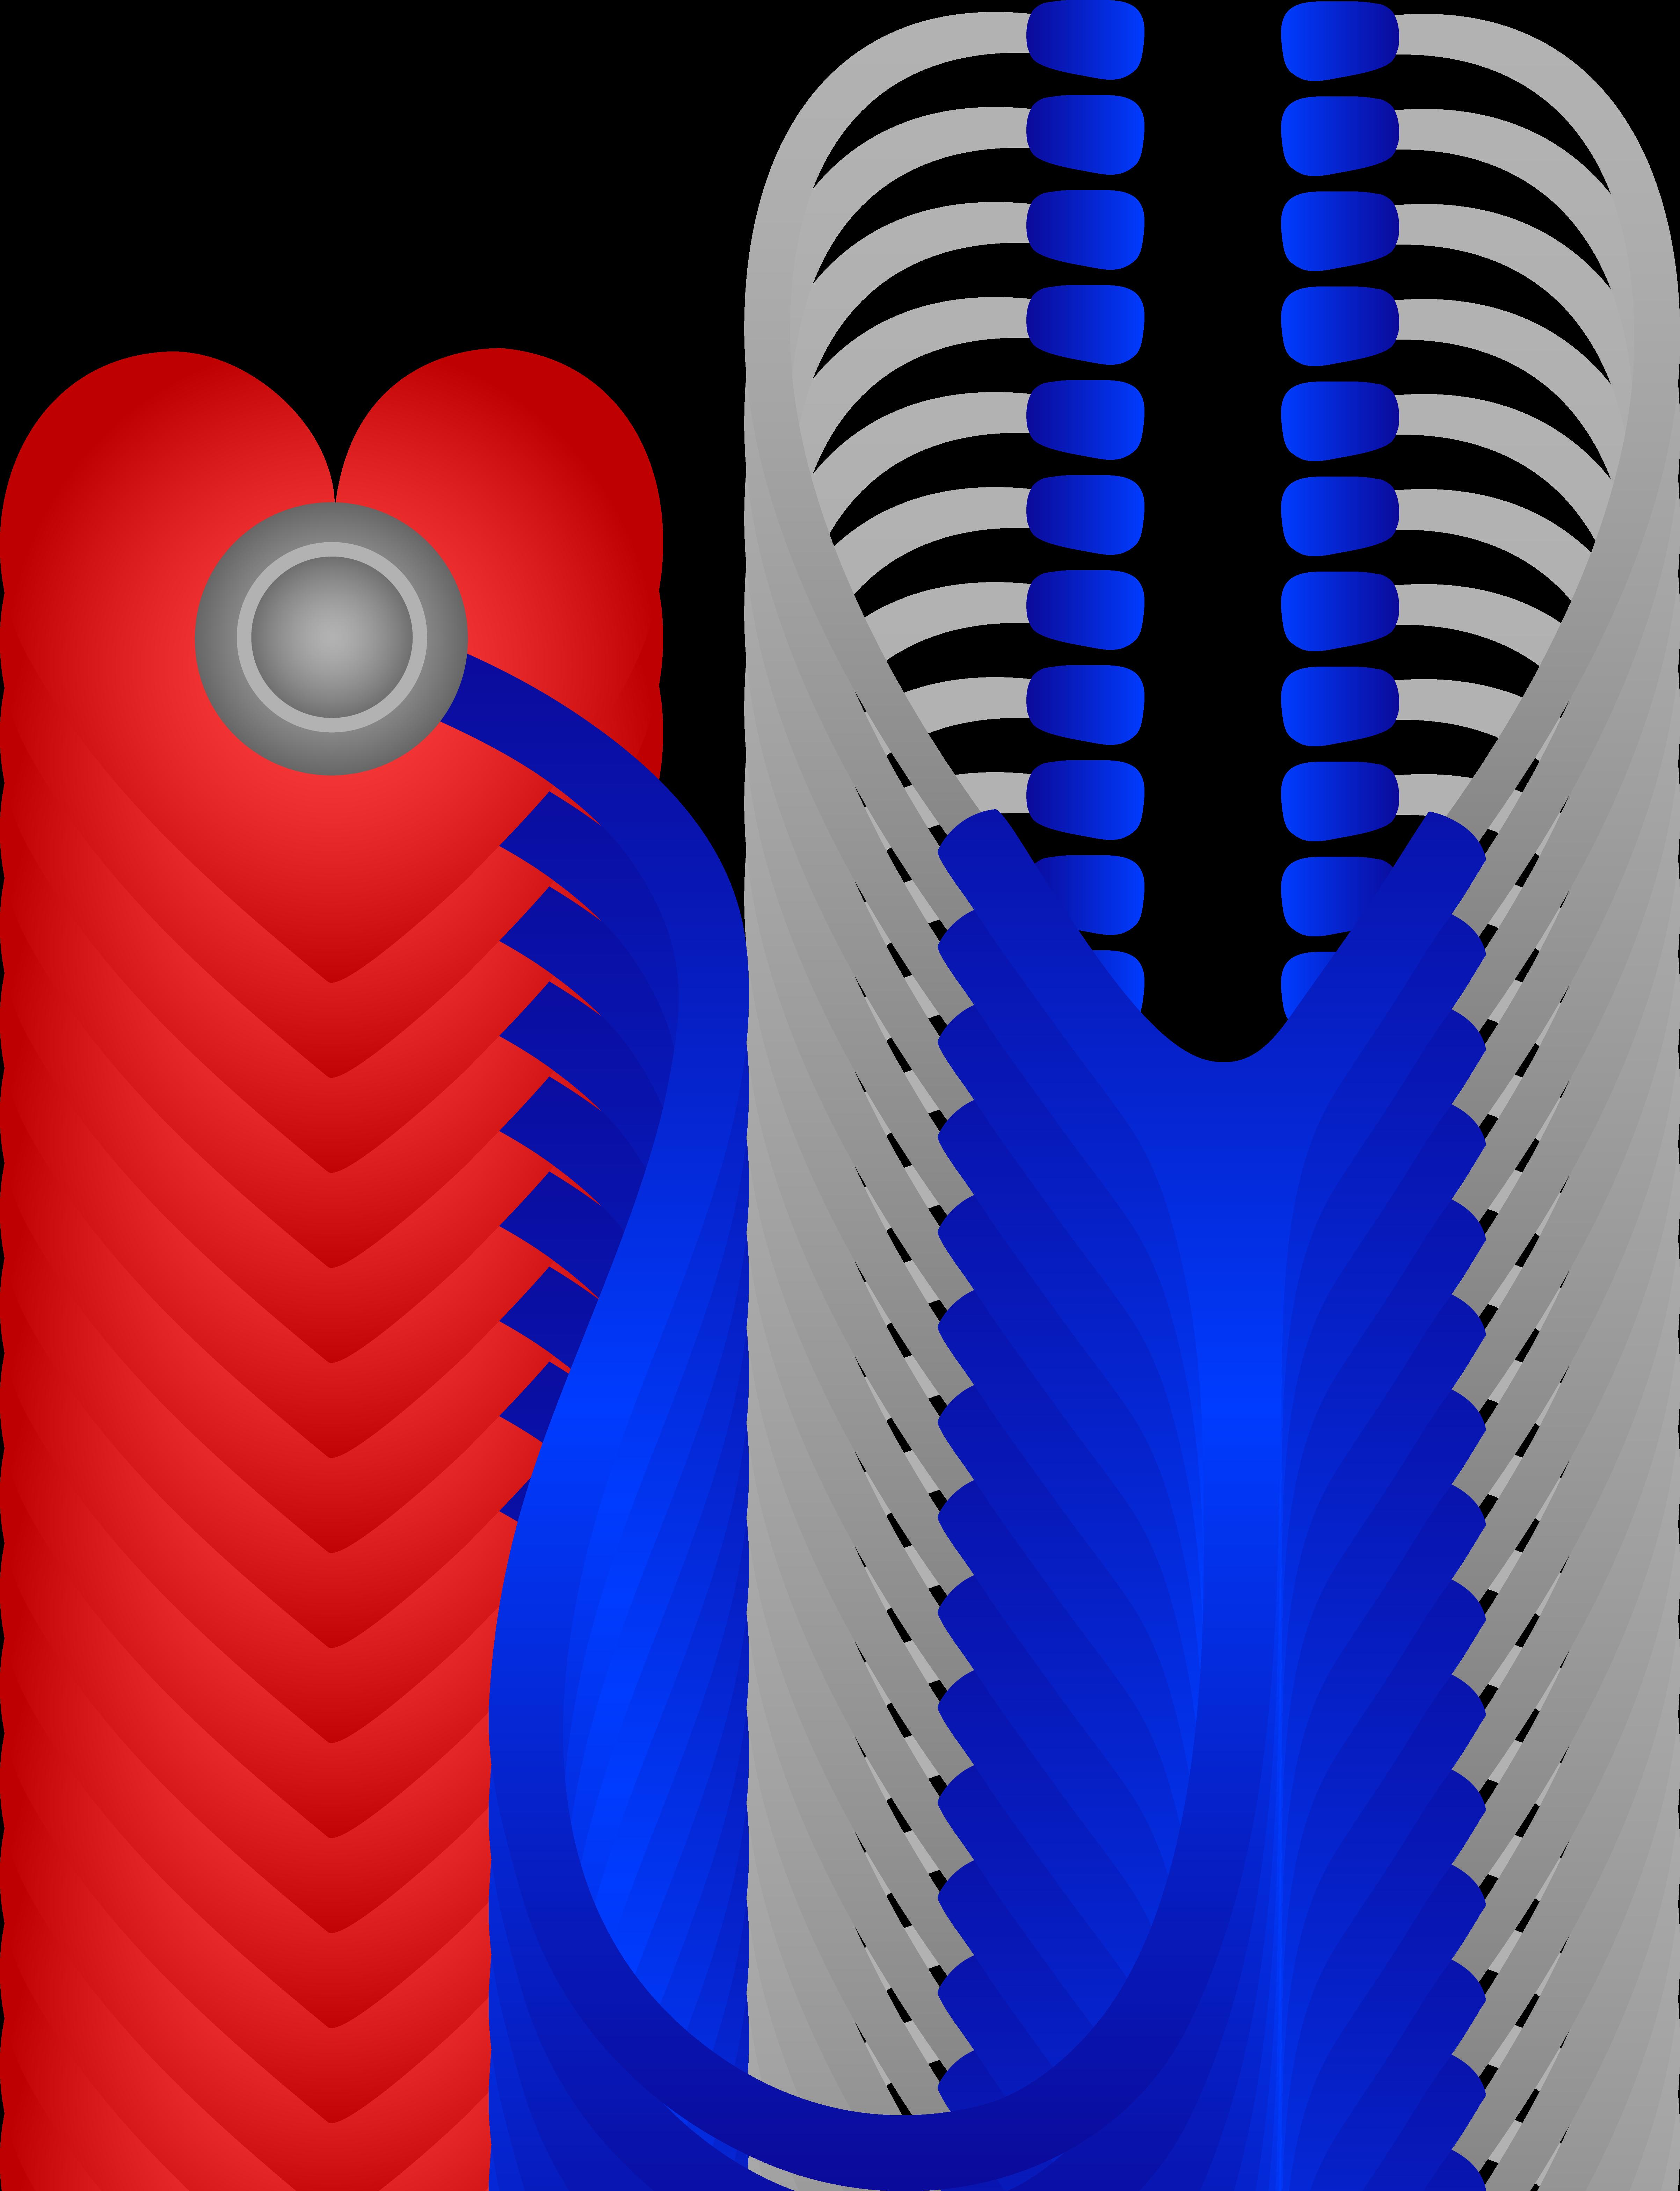 Heart Beat clip watch videos online 30